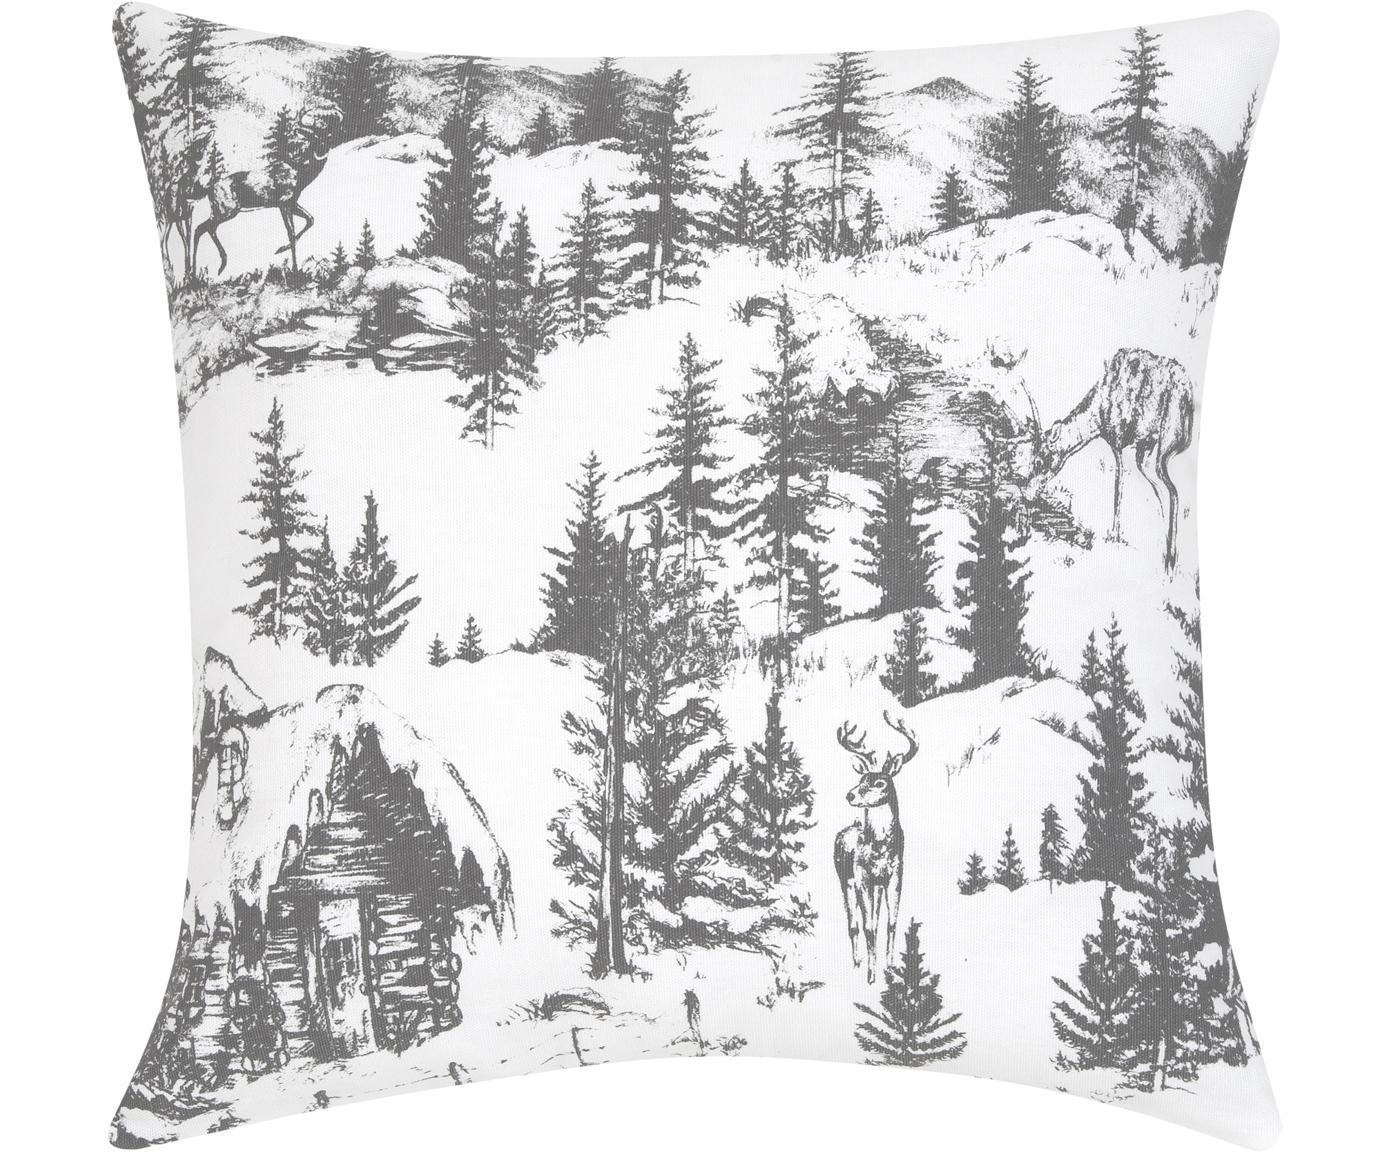 Kussenhoes Nordic met winters motief, Katoen, Donkergrijs, wit, 40 x 40 cm